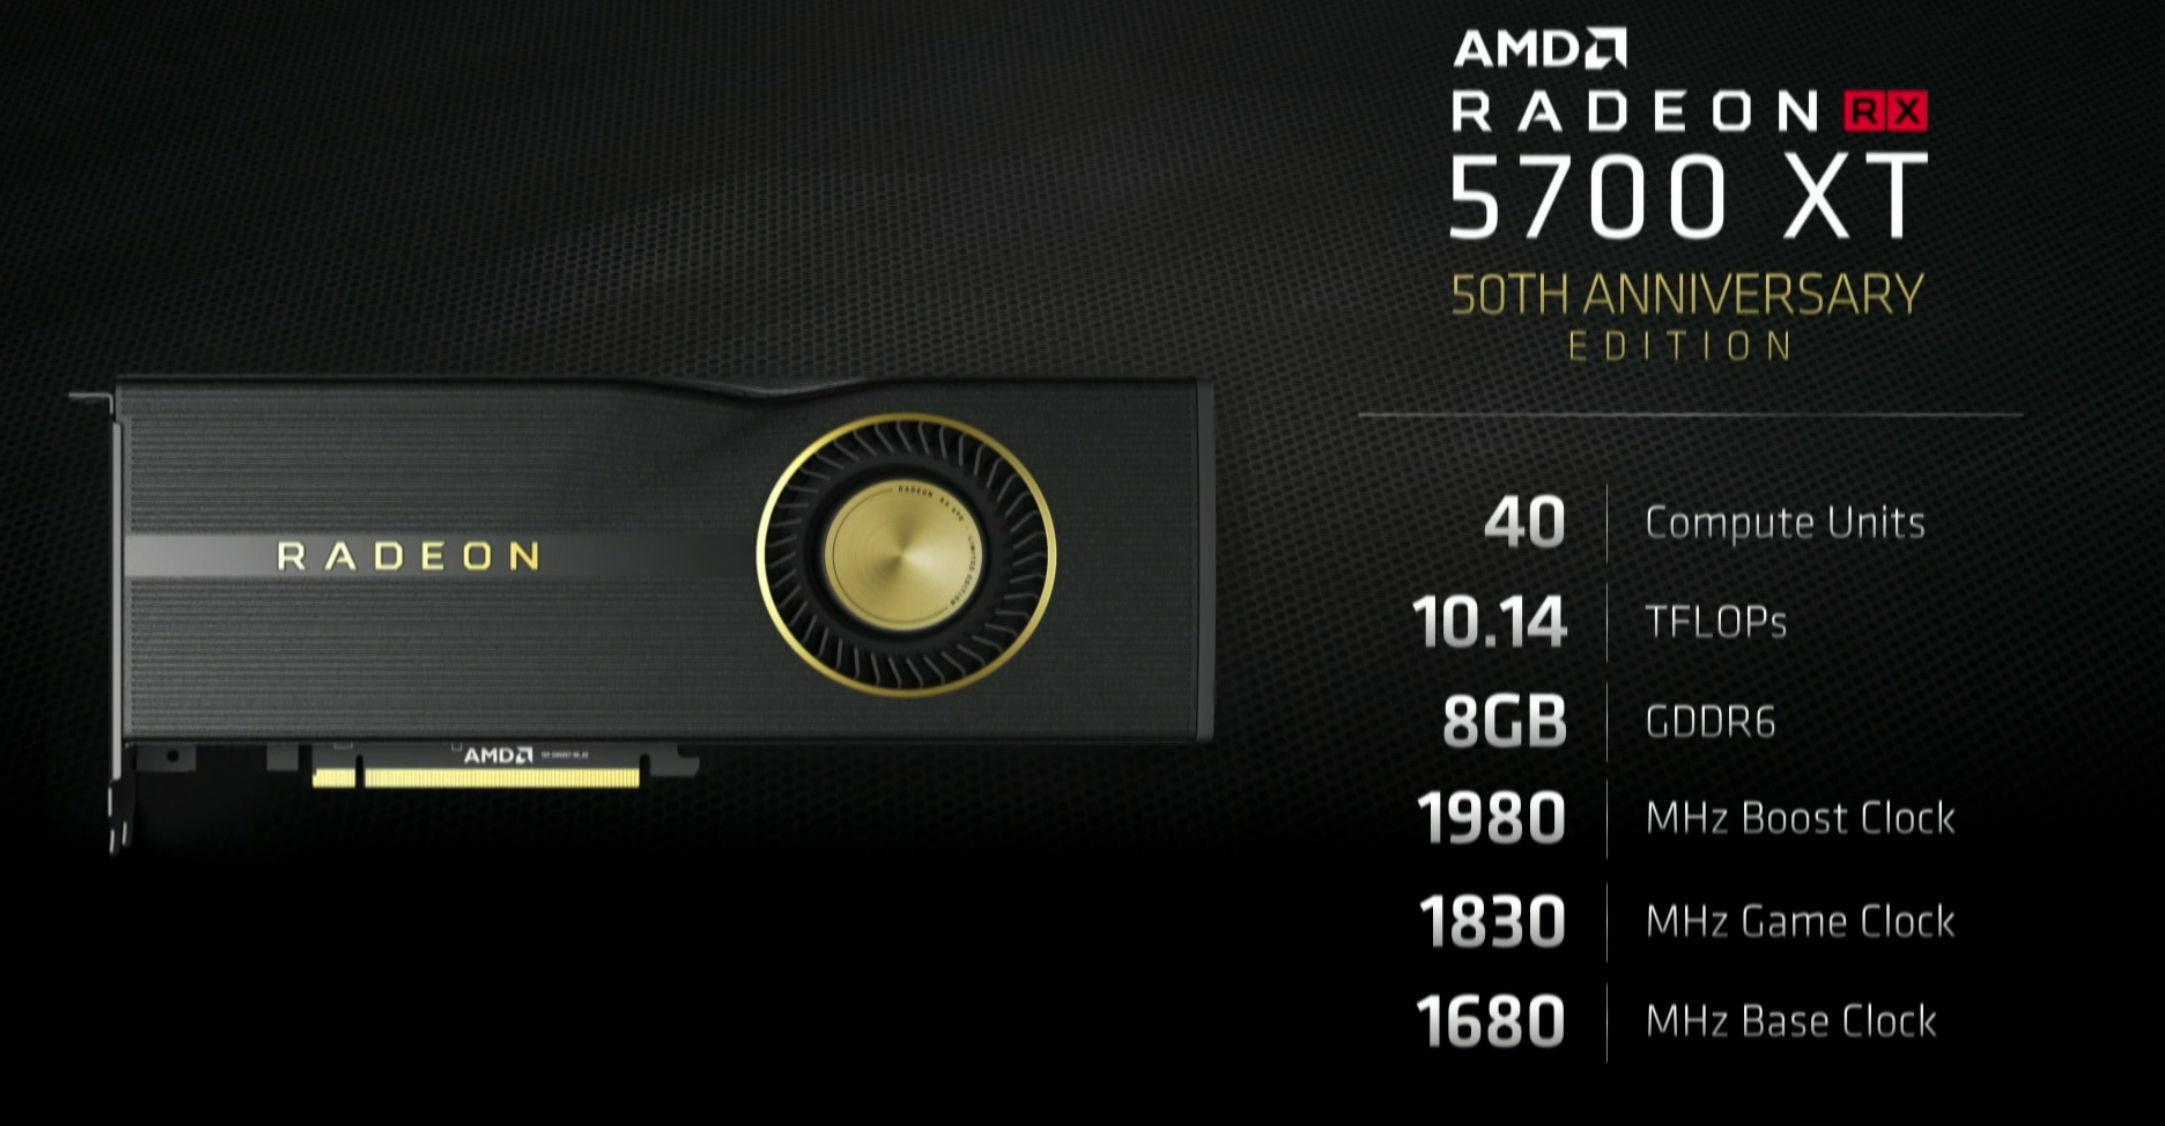 PS5快来了,还买5700XT显卡吗? -